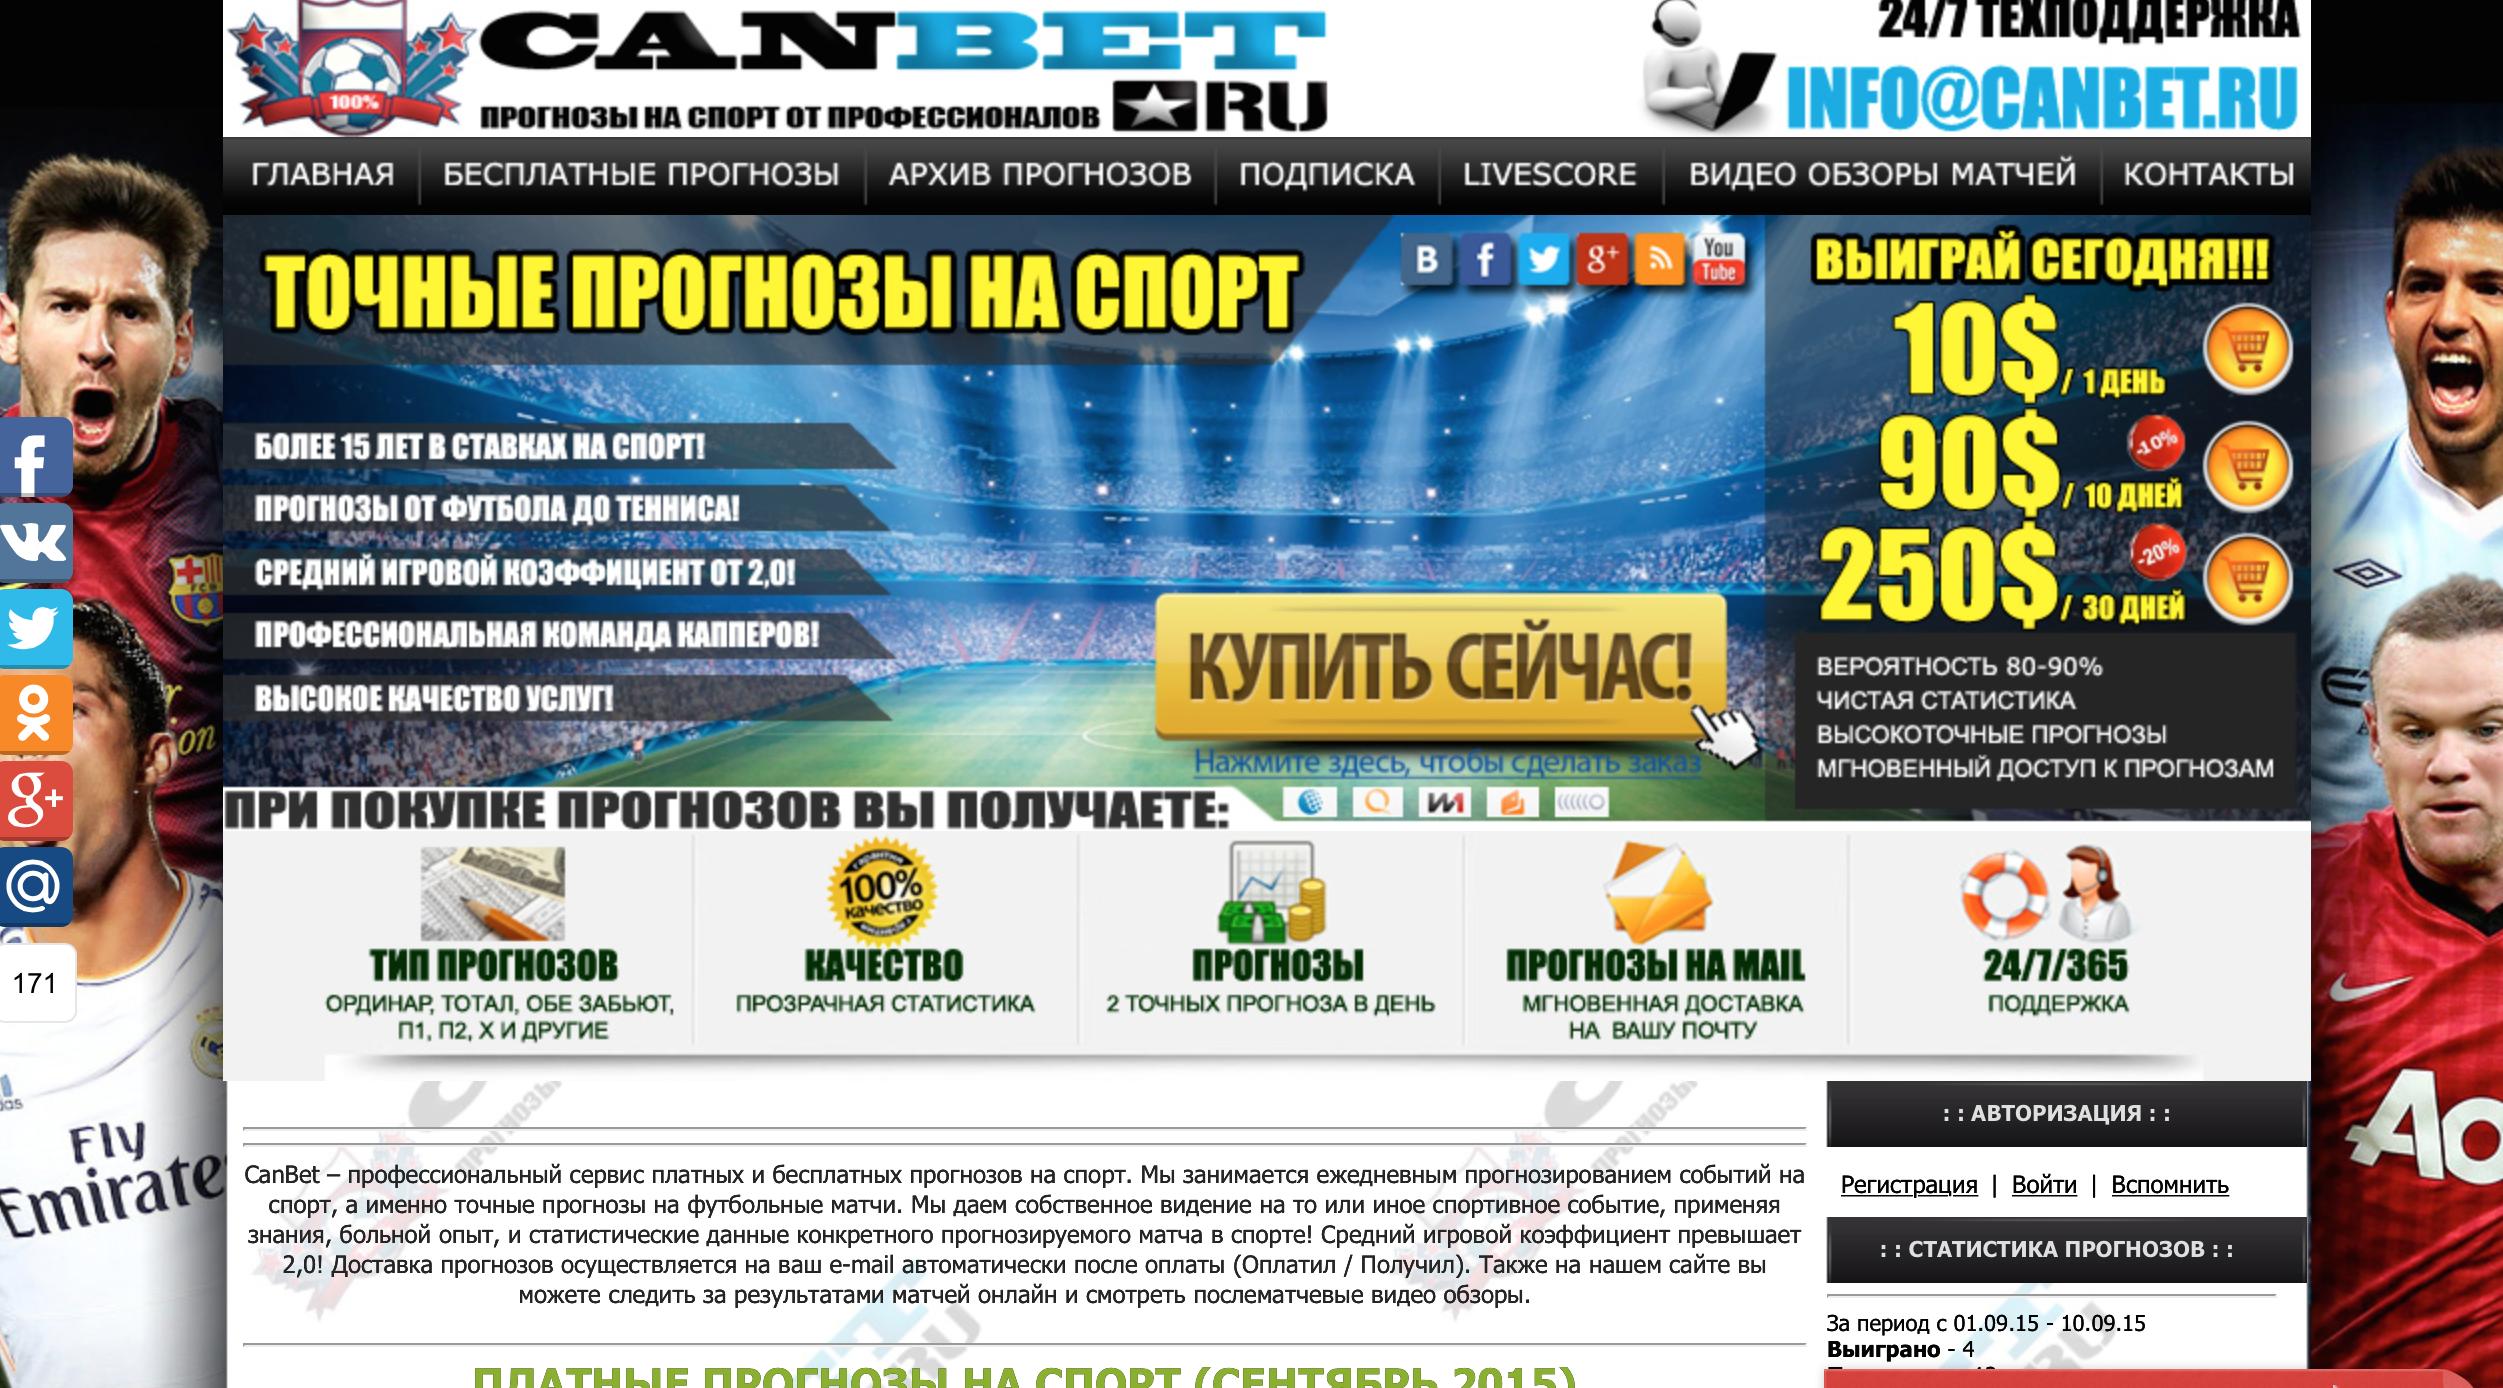 9_www.canbet.ru-otzyivyi